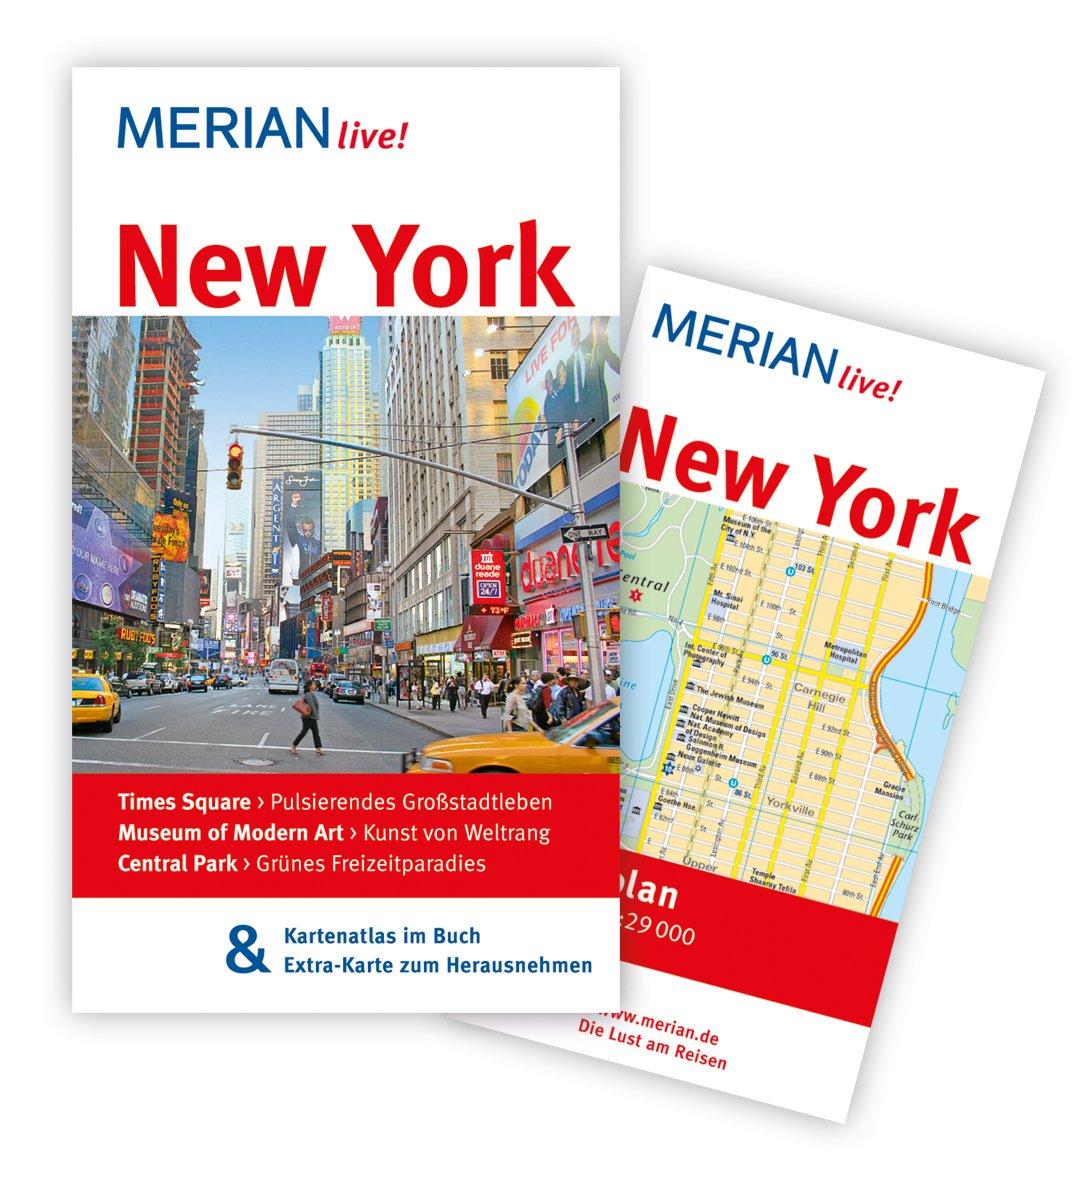 MERIAN live! Reiseführer New York: MERIAN live! – Mit Kartenatlas im Buch und Extra-Karte zum Herausnehmen